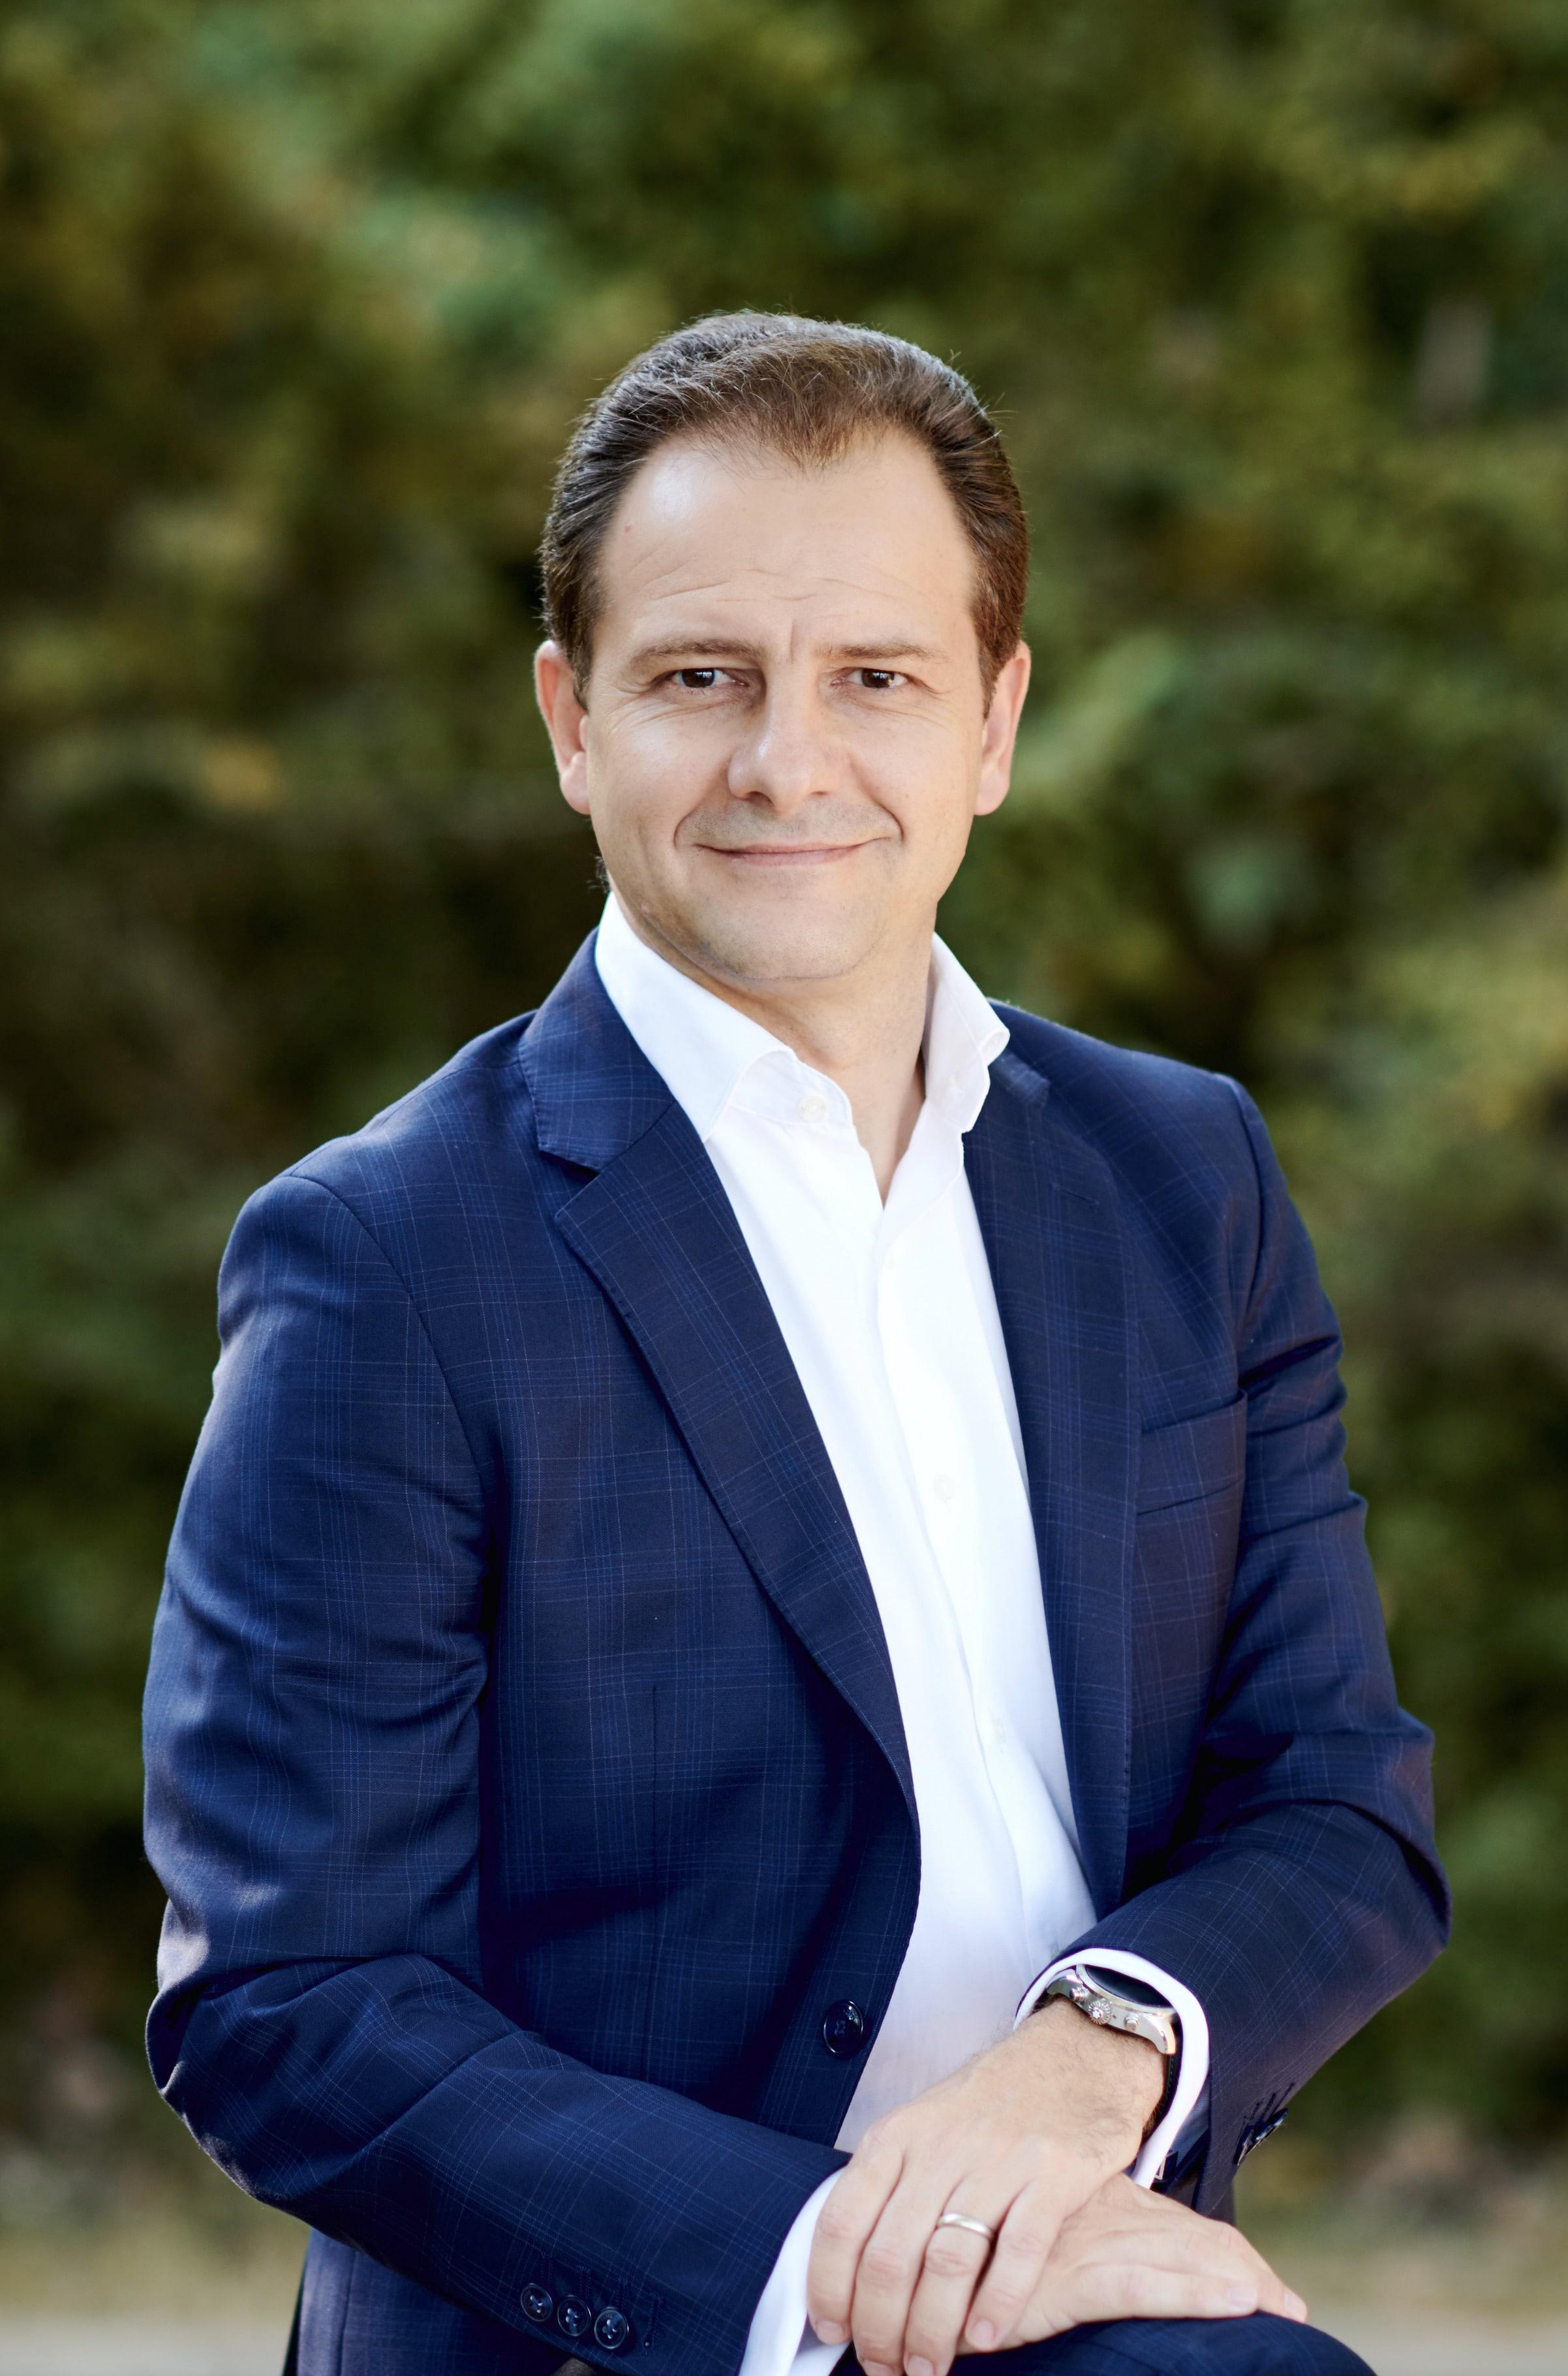 Rolando Roncancio Rachid